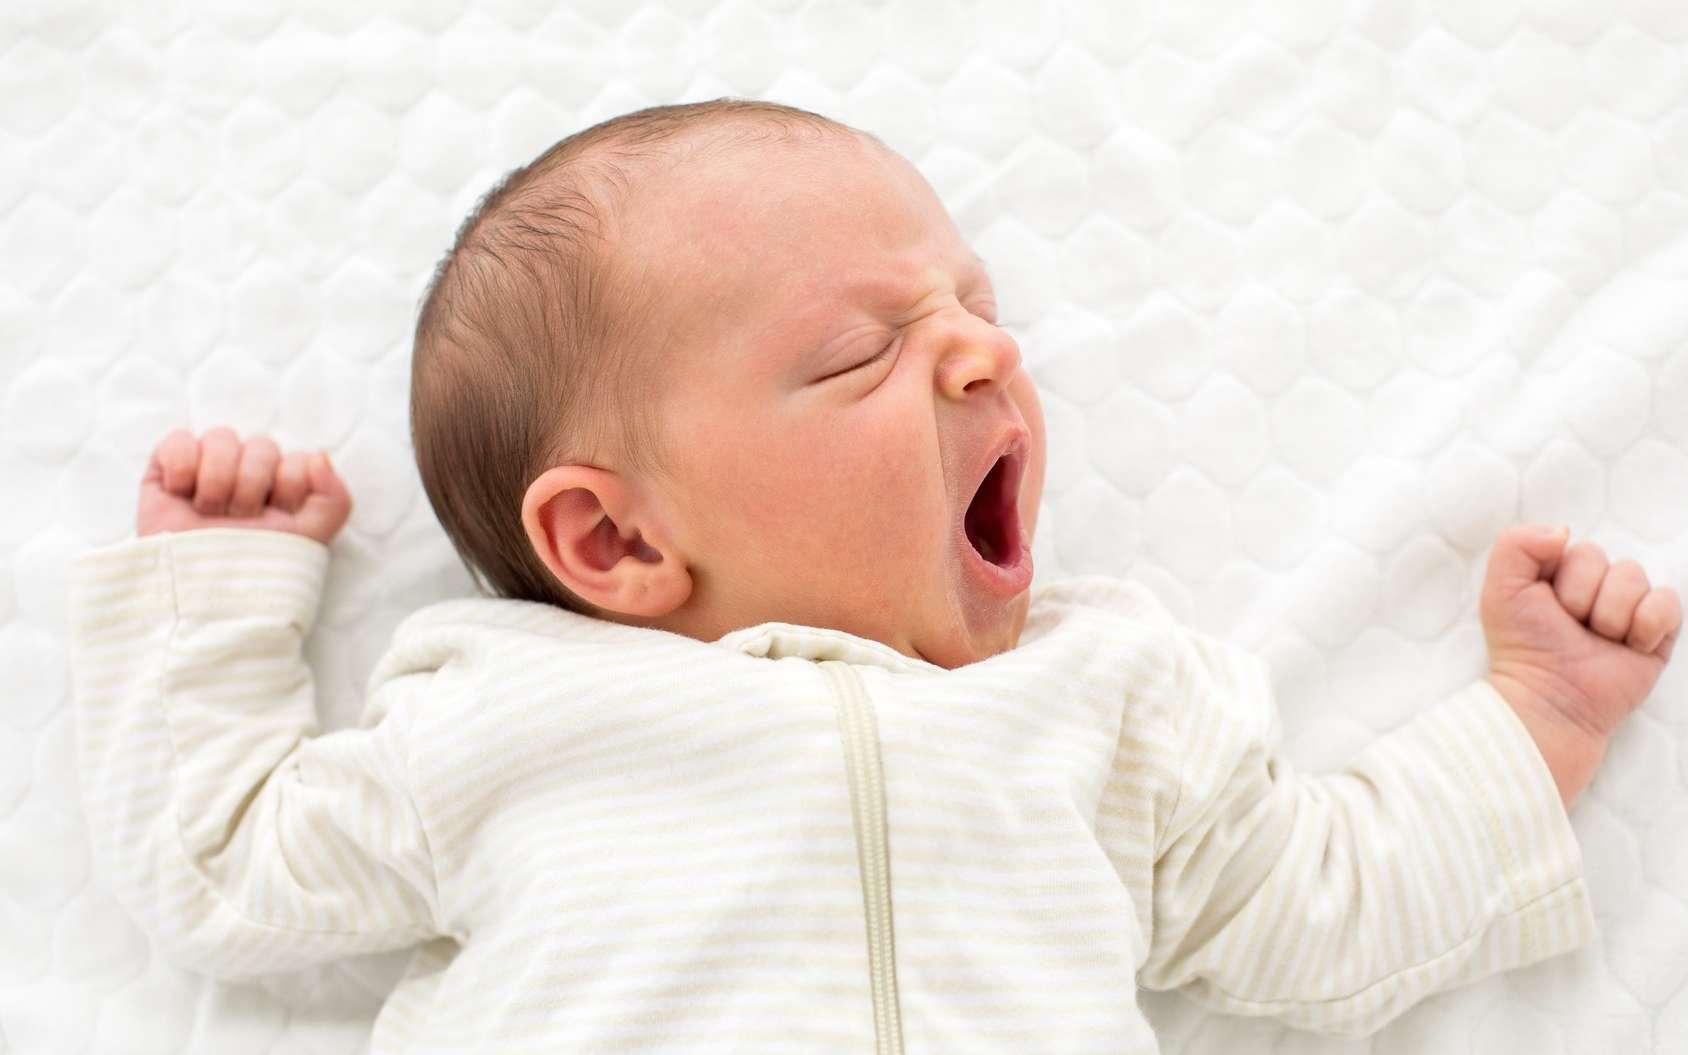 Les polluants respirés les premiers mois de la vie peuvent réduire les capacités respiratoires des enfants des années plus tard. © demphoto, Fotolia